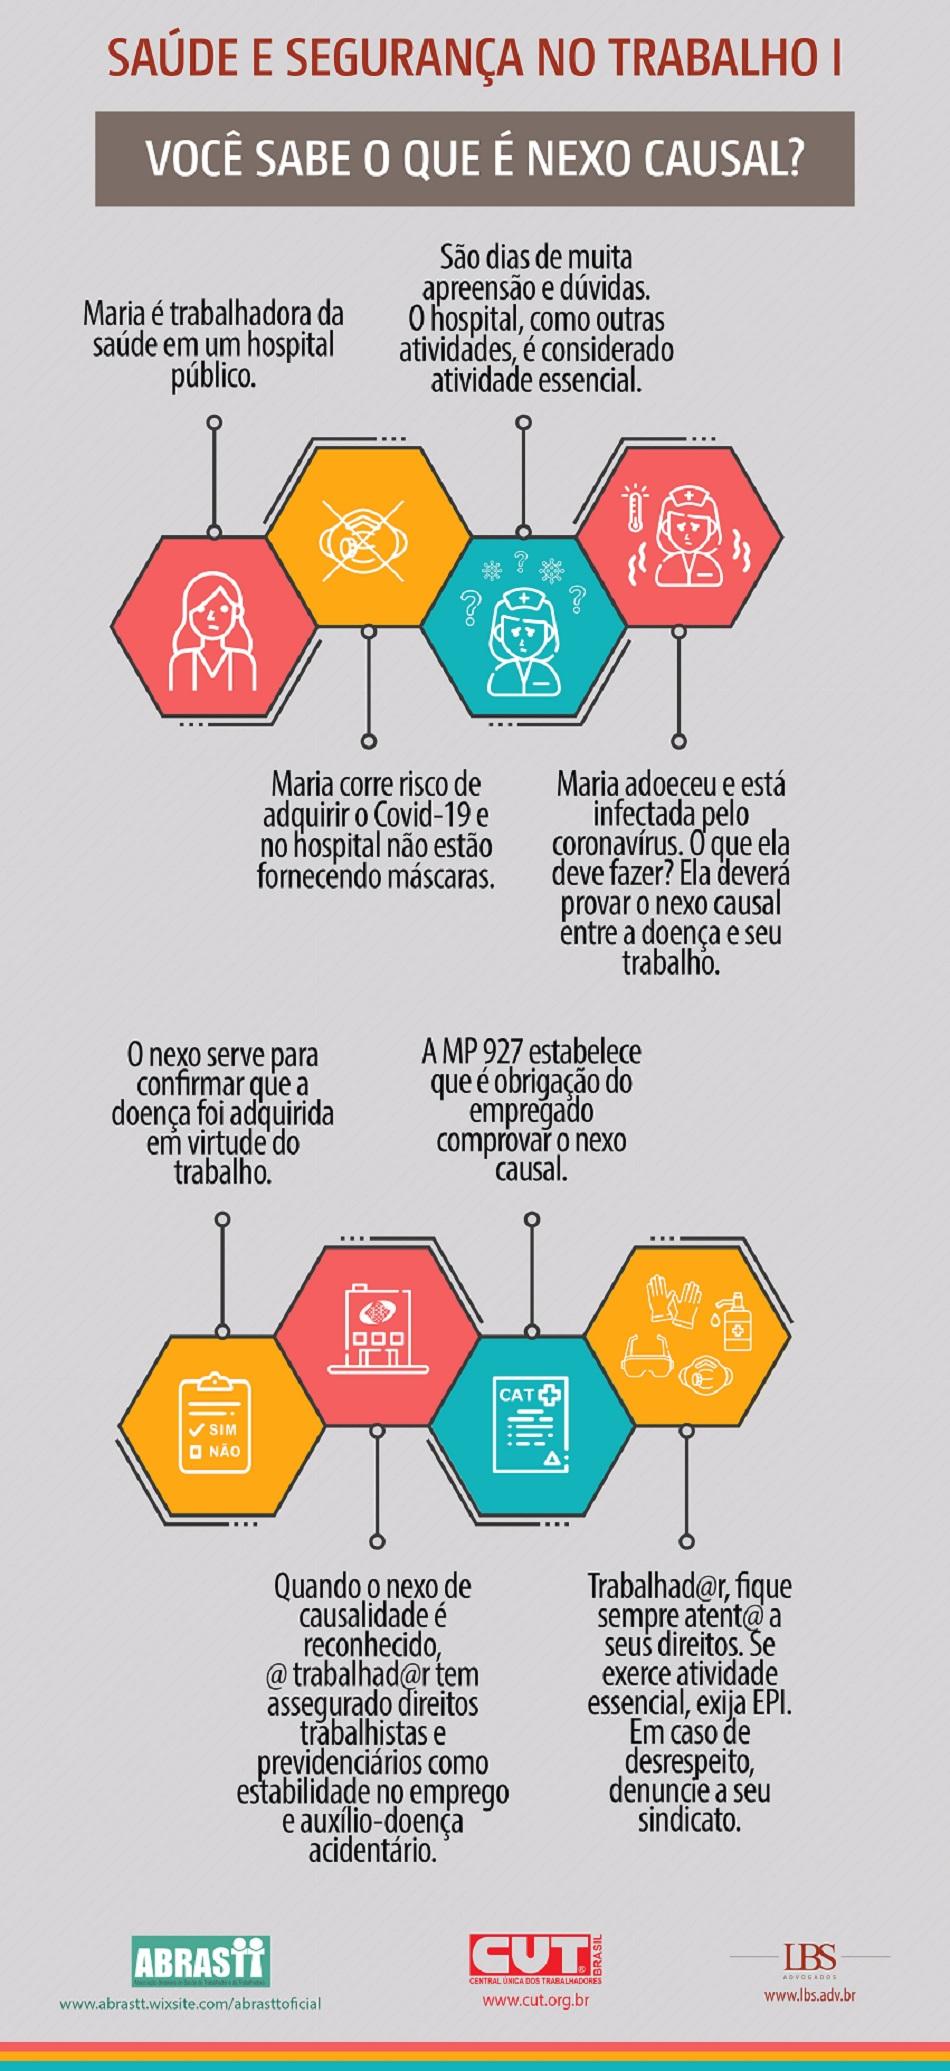 Orientações da CUT sobre saúde e segurança no trabalho